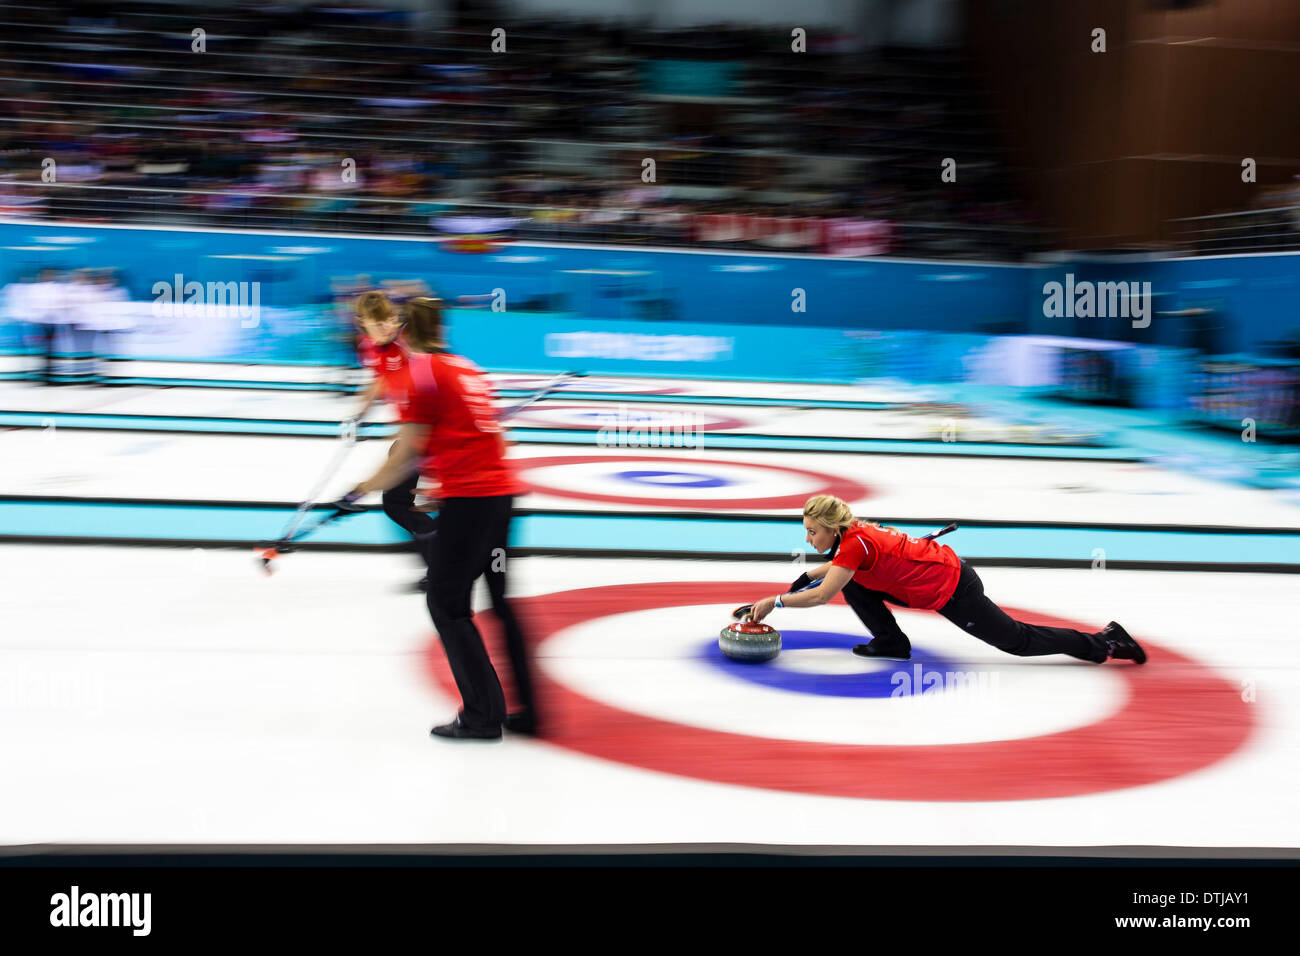 großbritannien olympische winterspiele